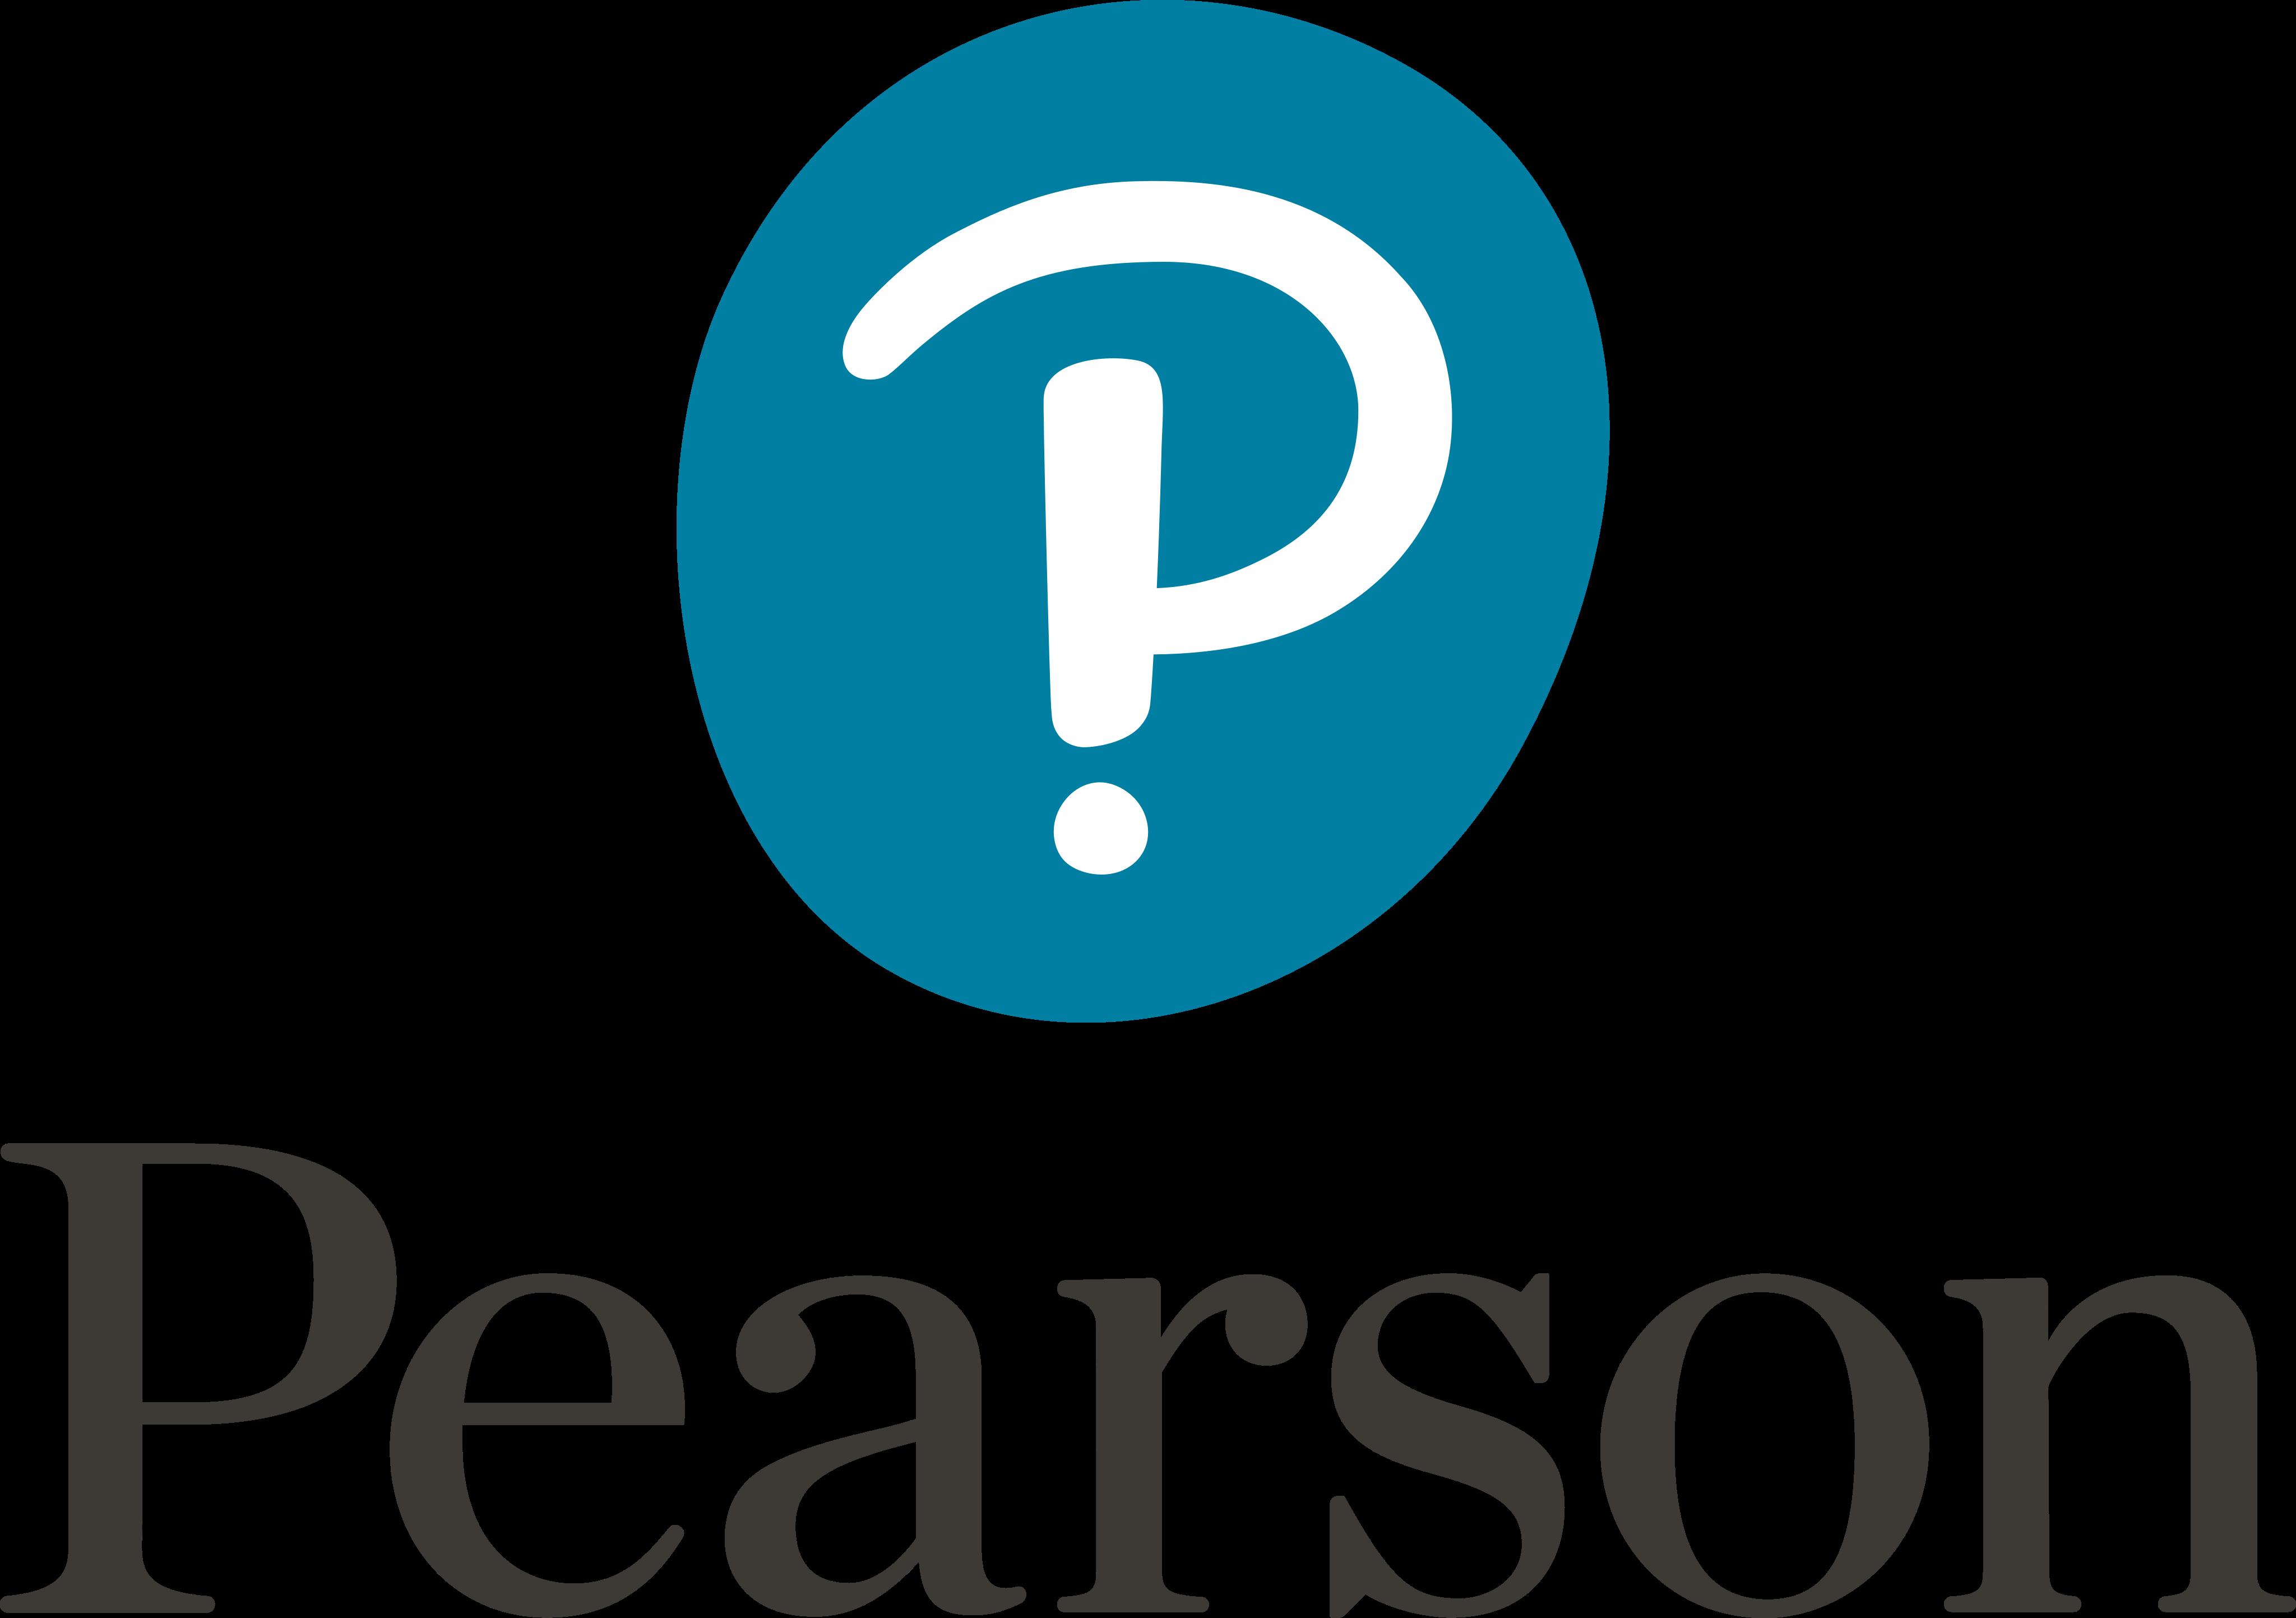 pearson logo 1 - Pearson Logo